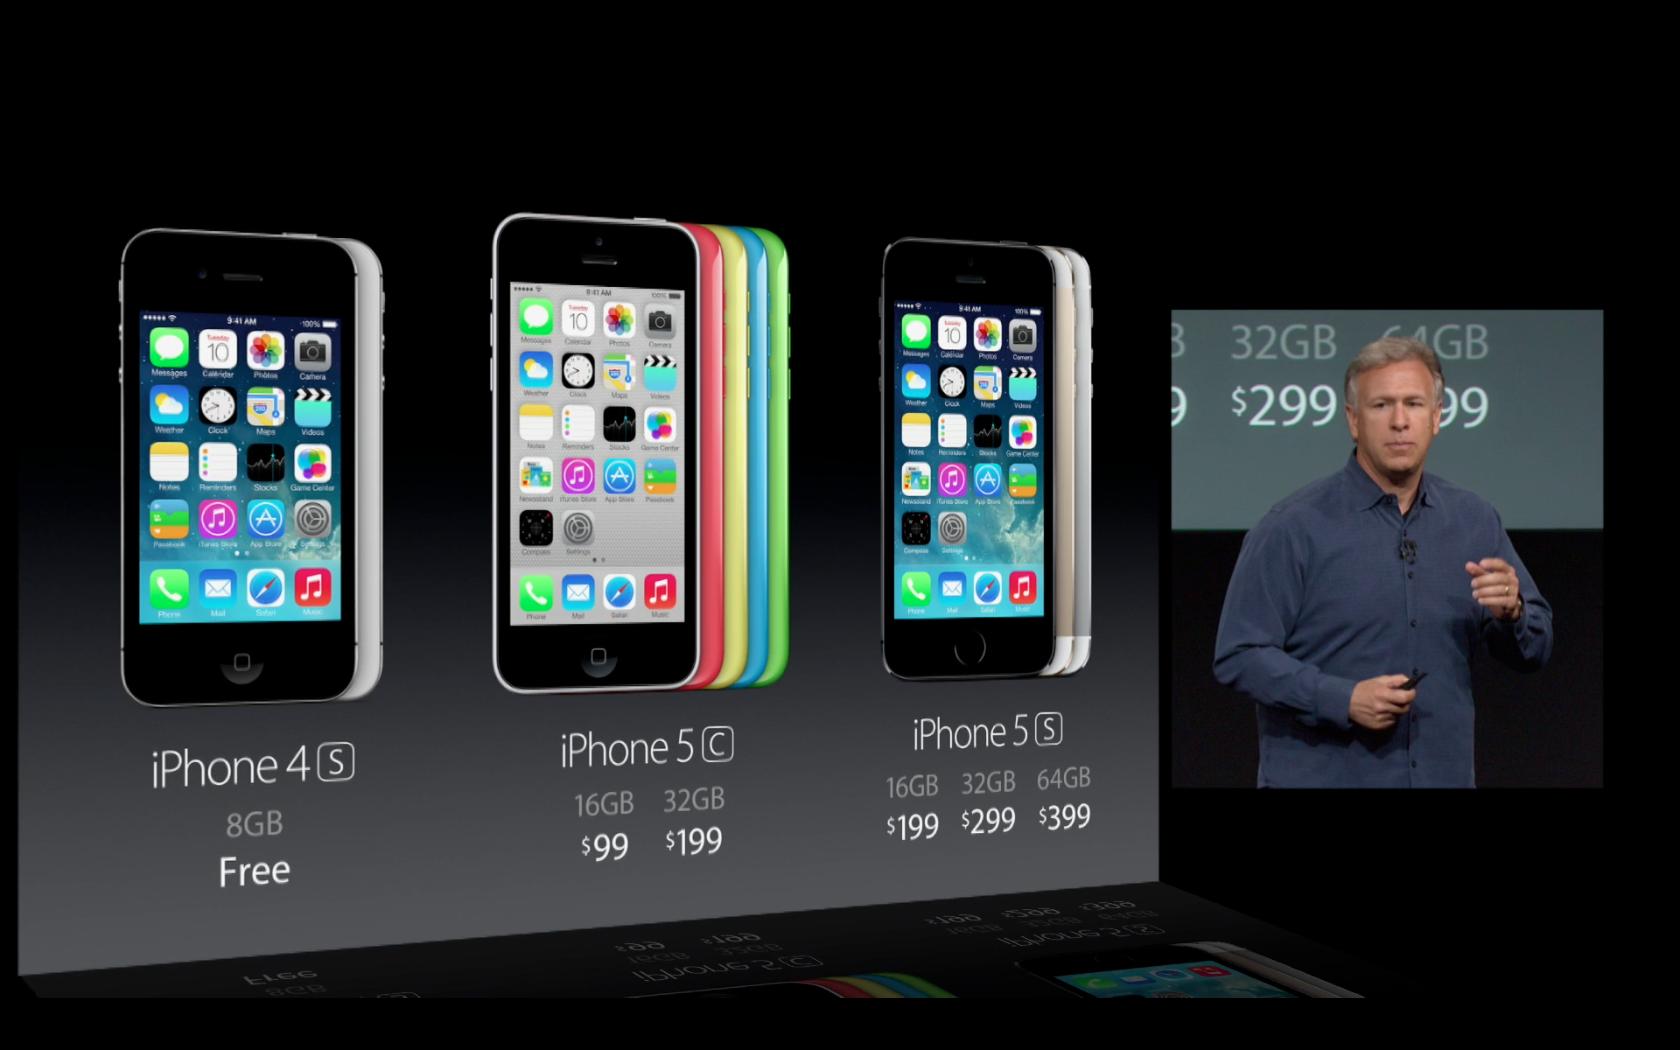 La gamme iPhone complète actelle